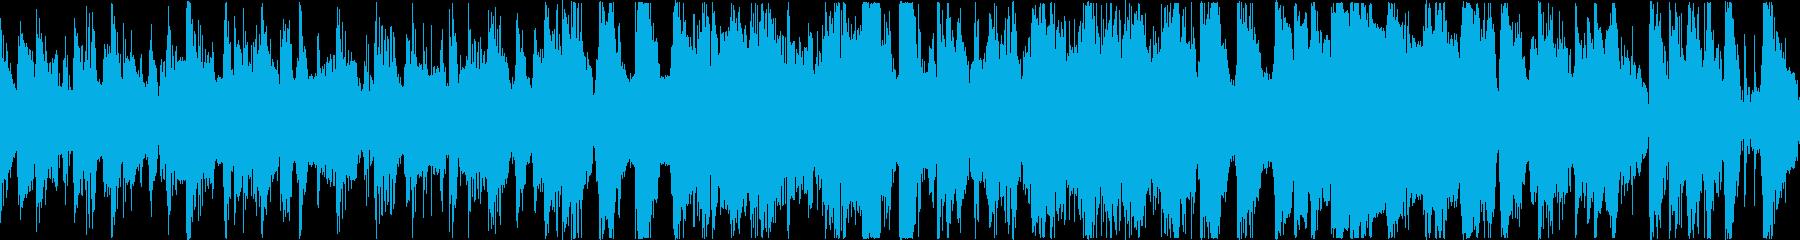 忙しいベースラインのファンクサウンドの再生済みの波形